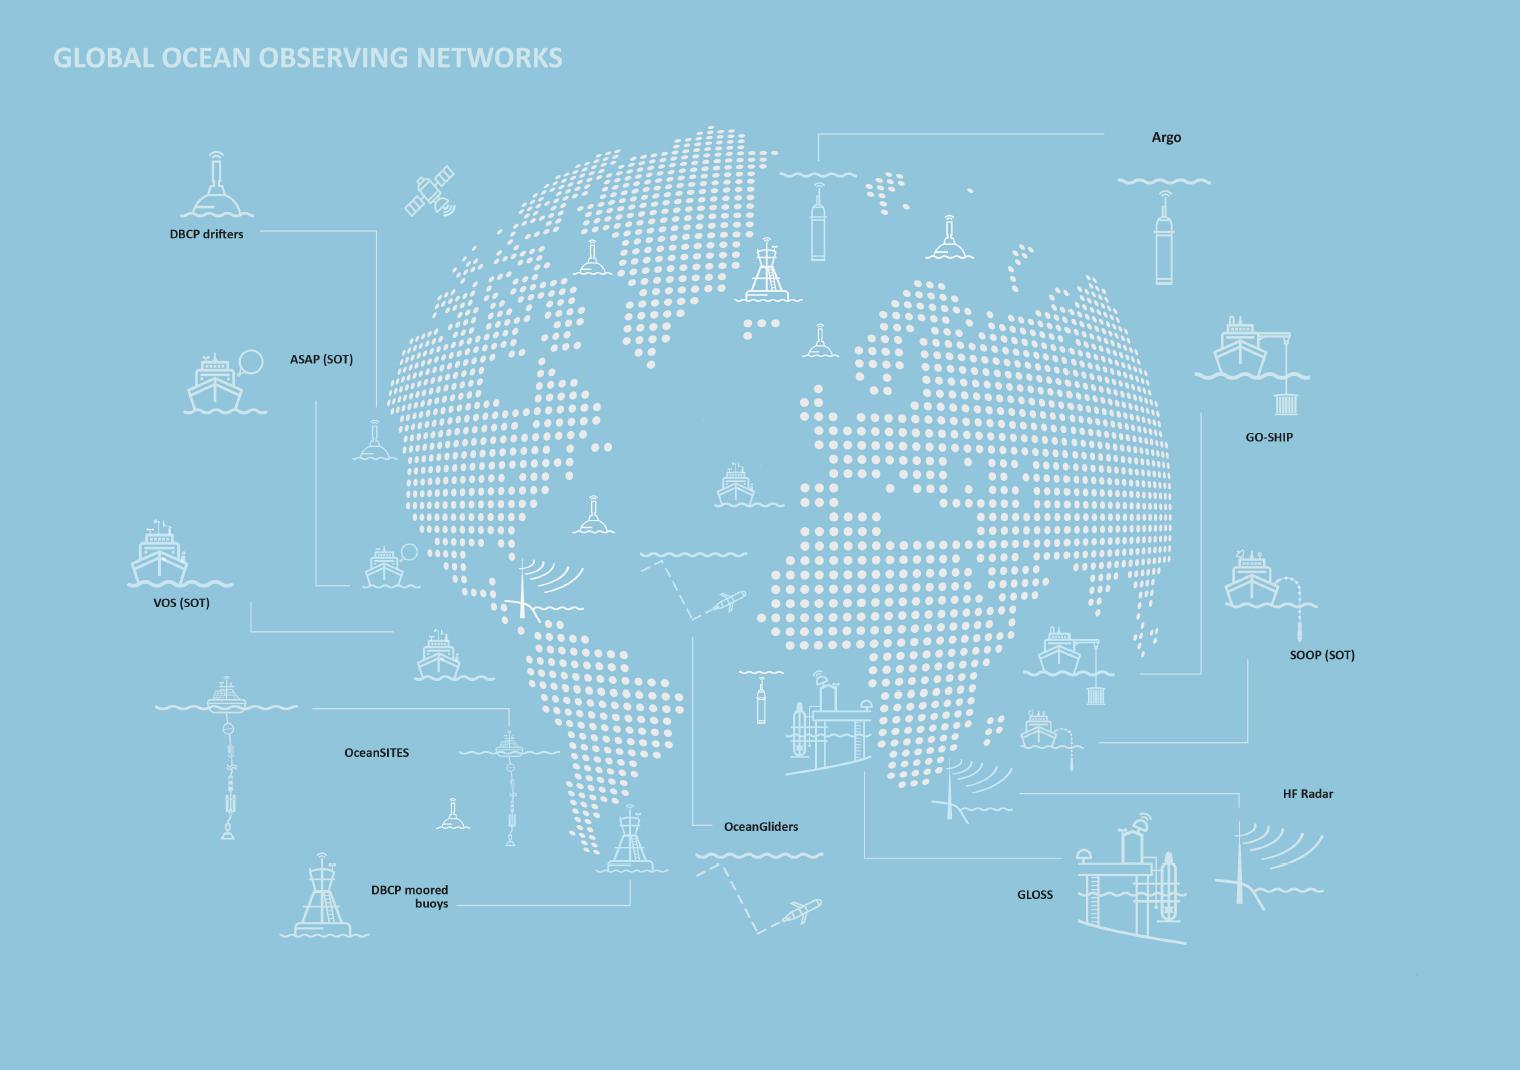 Figure 1. Global Ocean Observing System (GOOS) Networks